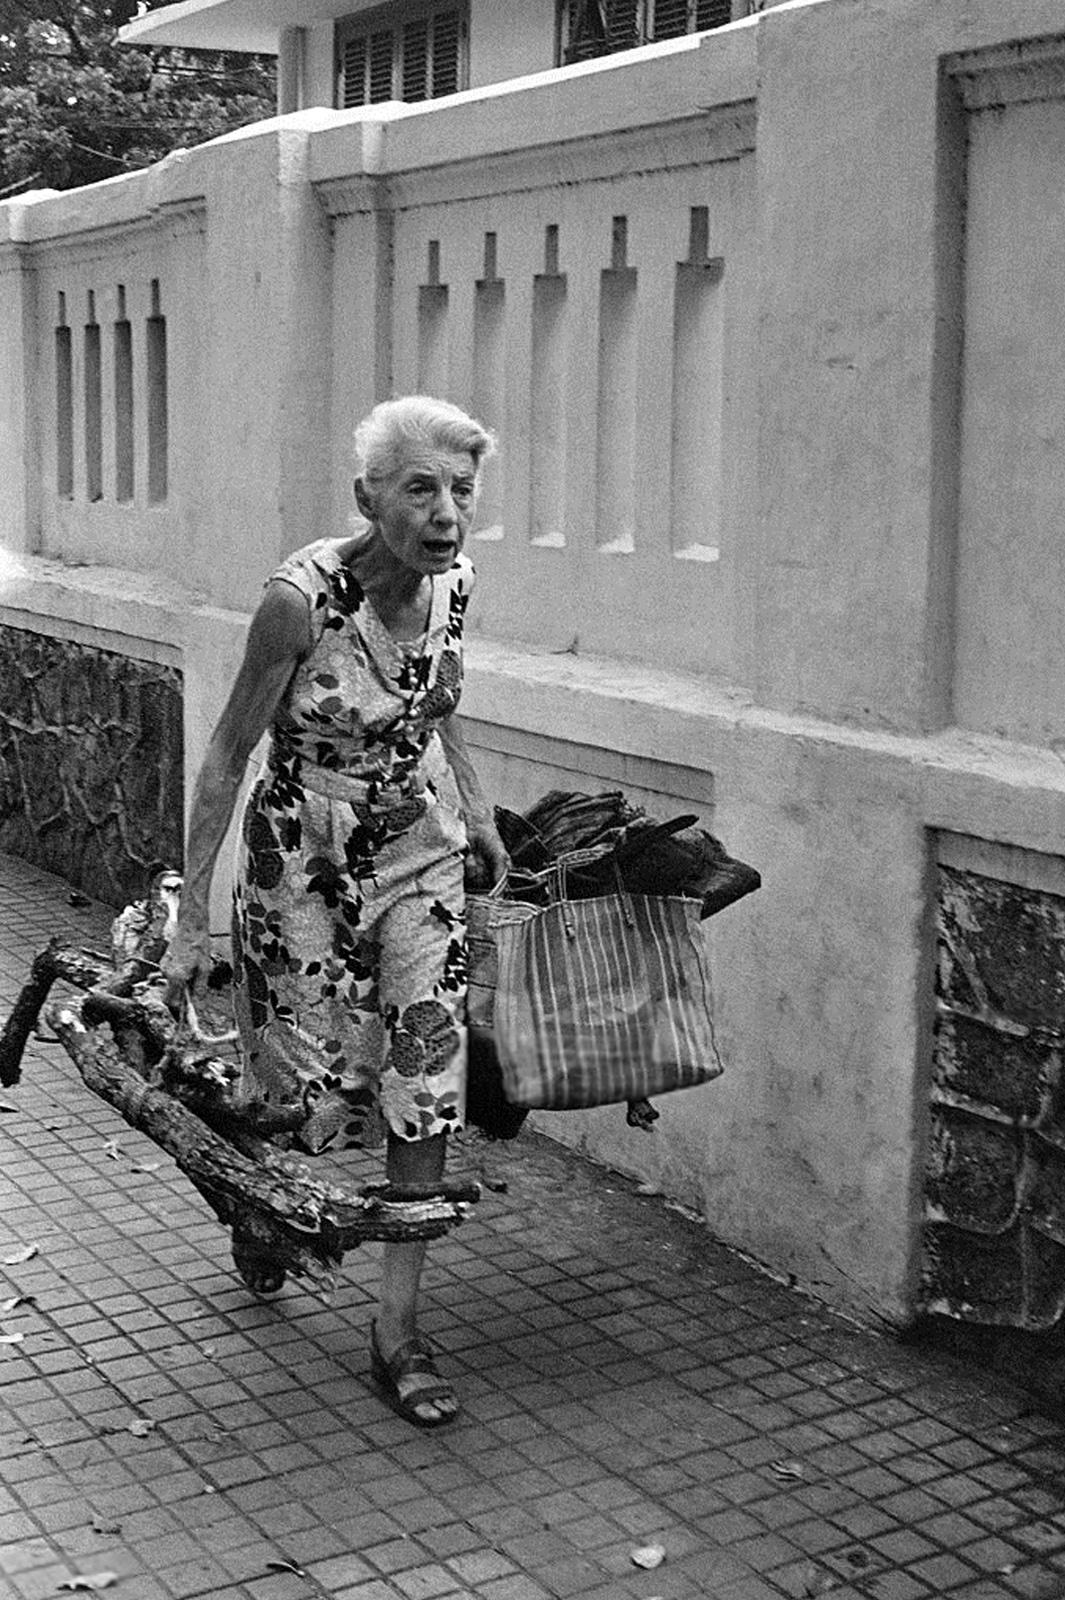 На снимке, сделанном в Сайгоне в апреле 1975 года, изображена пожилая европейская женщина, блуждающая по пустым улицам с мешками и куском дерева за несколько дней до захвата столицы Южного Вьетнама